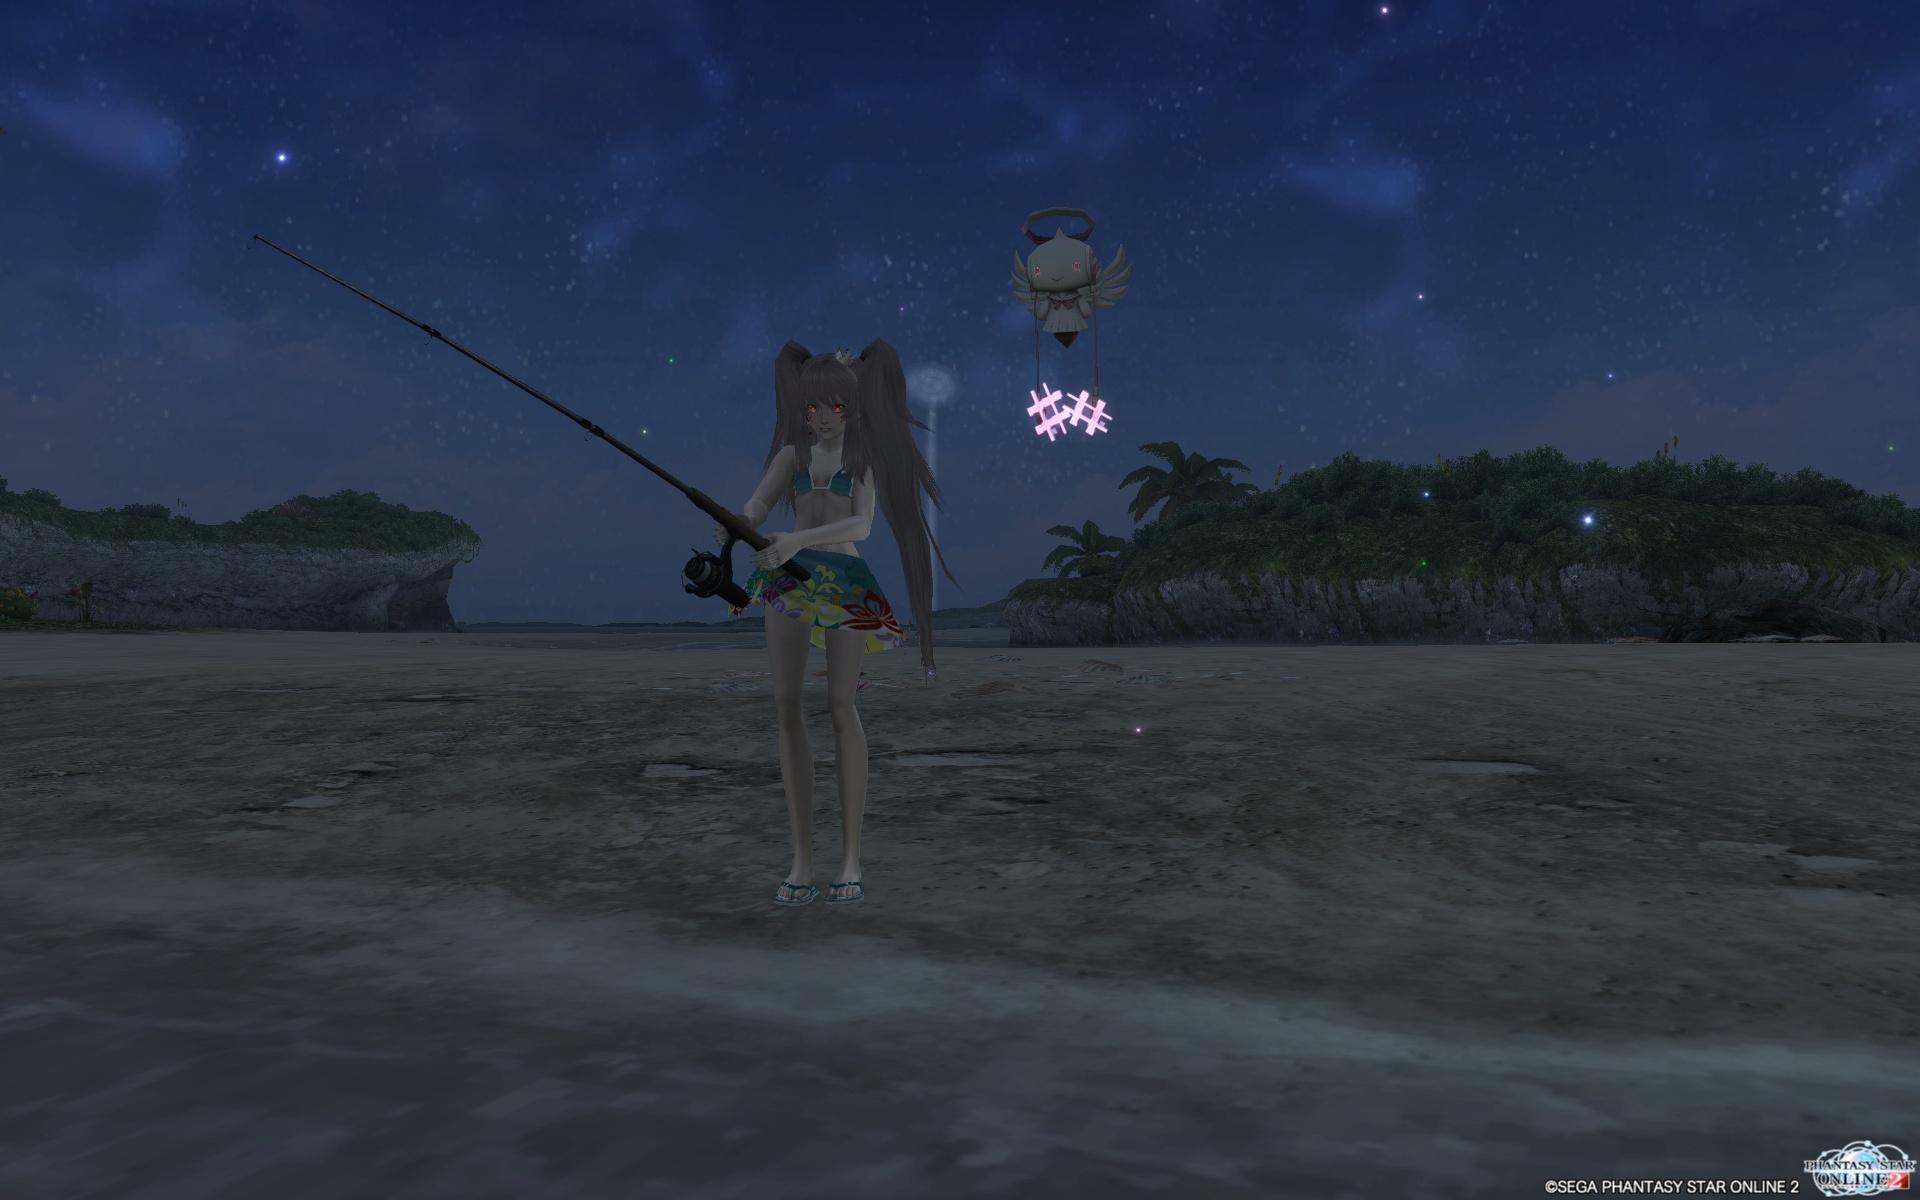 ナイトスコープ釣り01